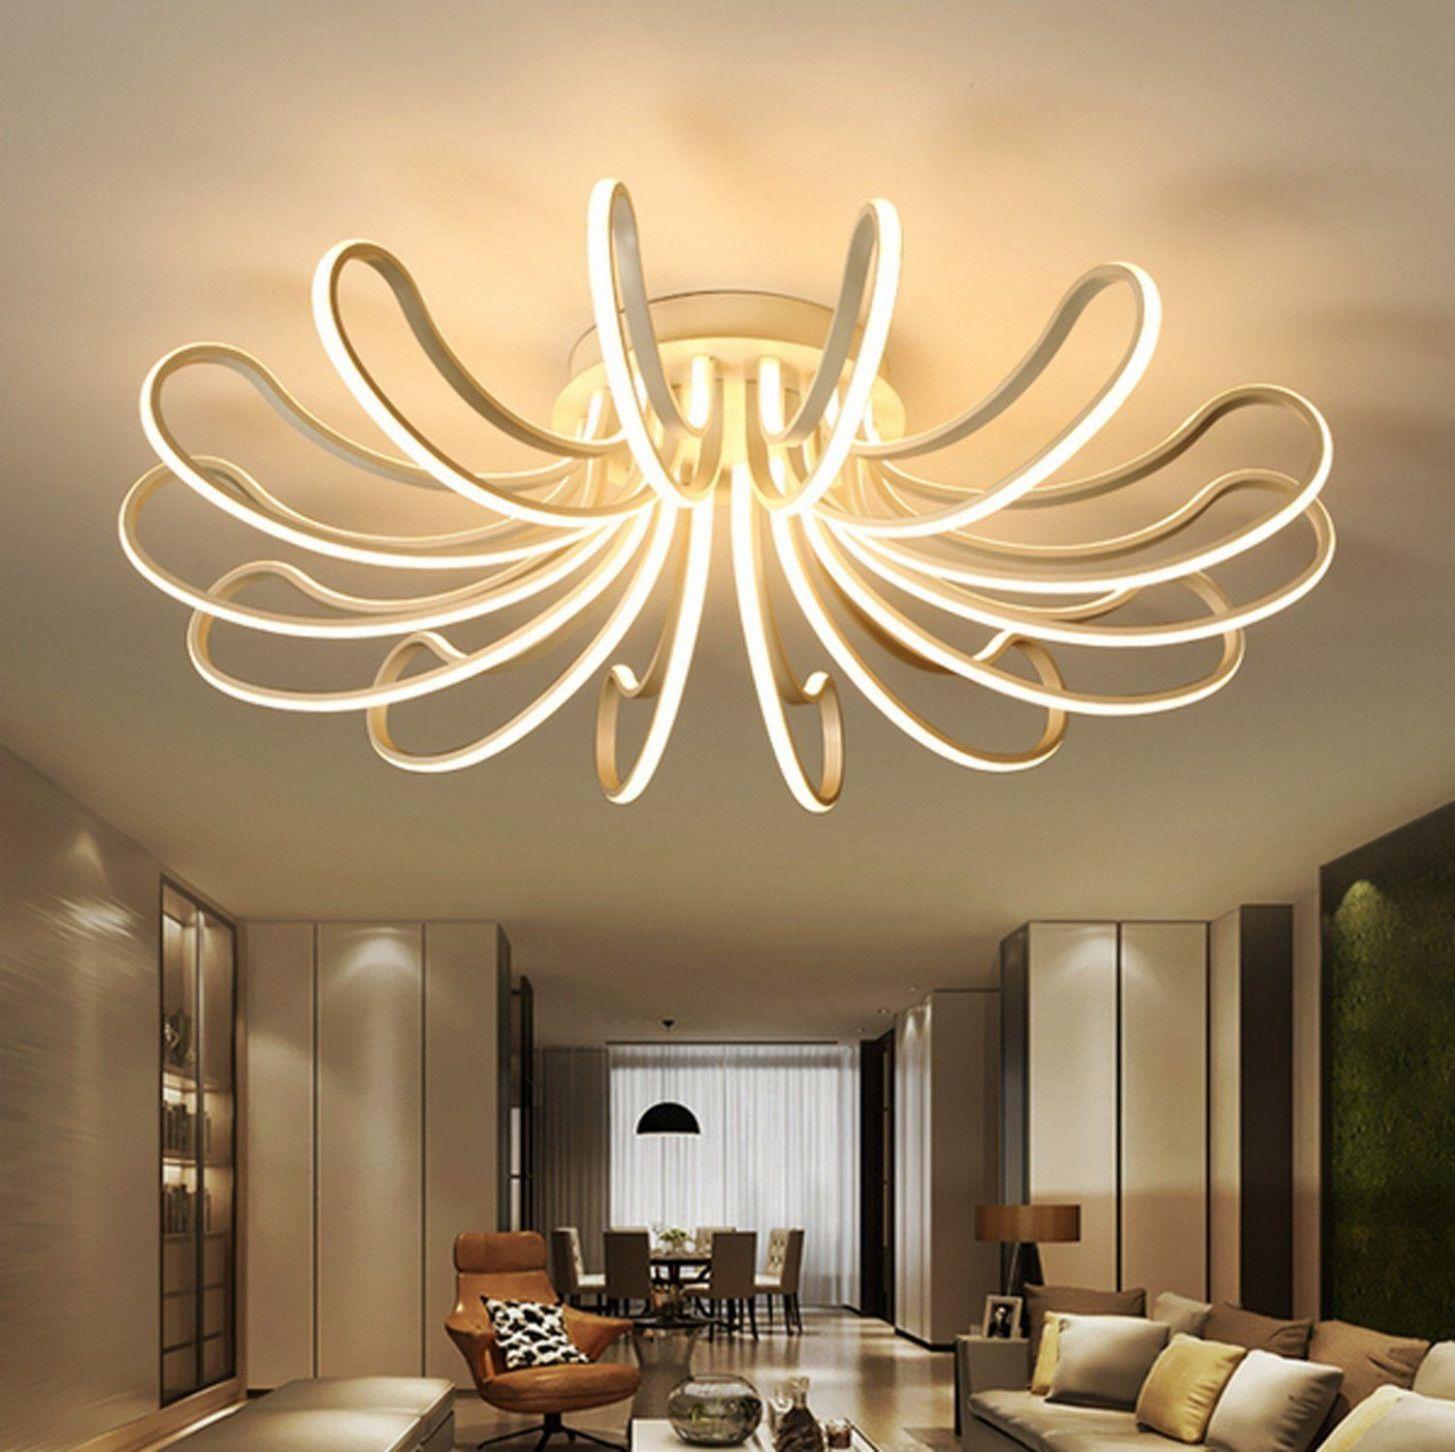 10 Wohnzimmer Deckenleuchten Fashionable in 10  Lampen